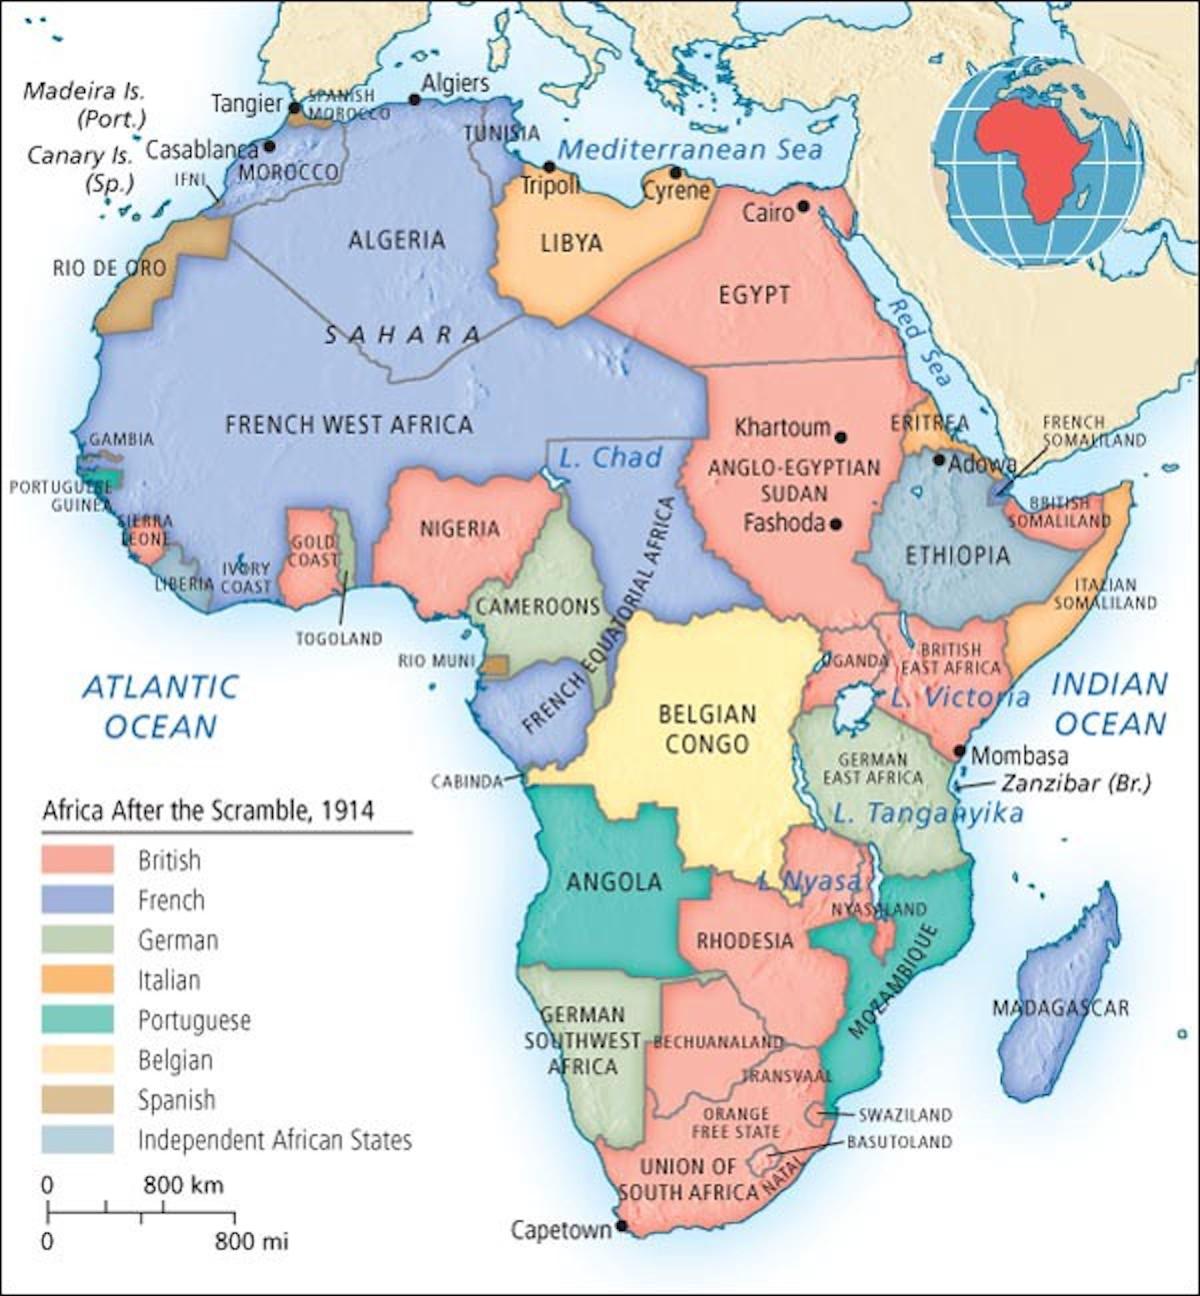 la spartizione coloniale dell'Africa